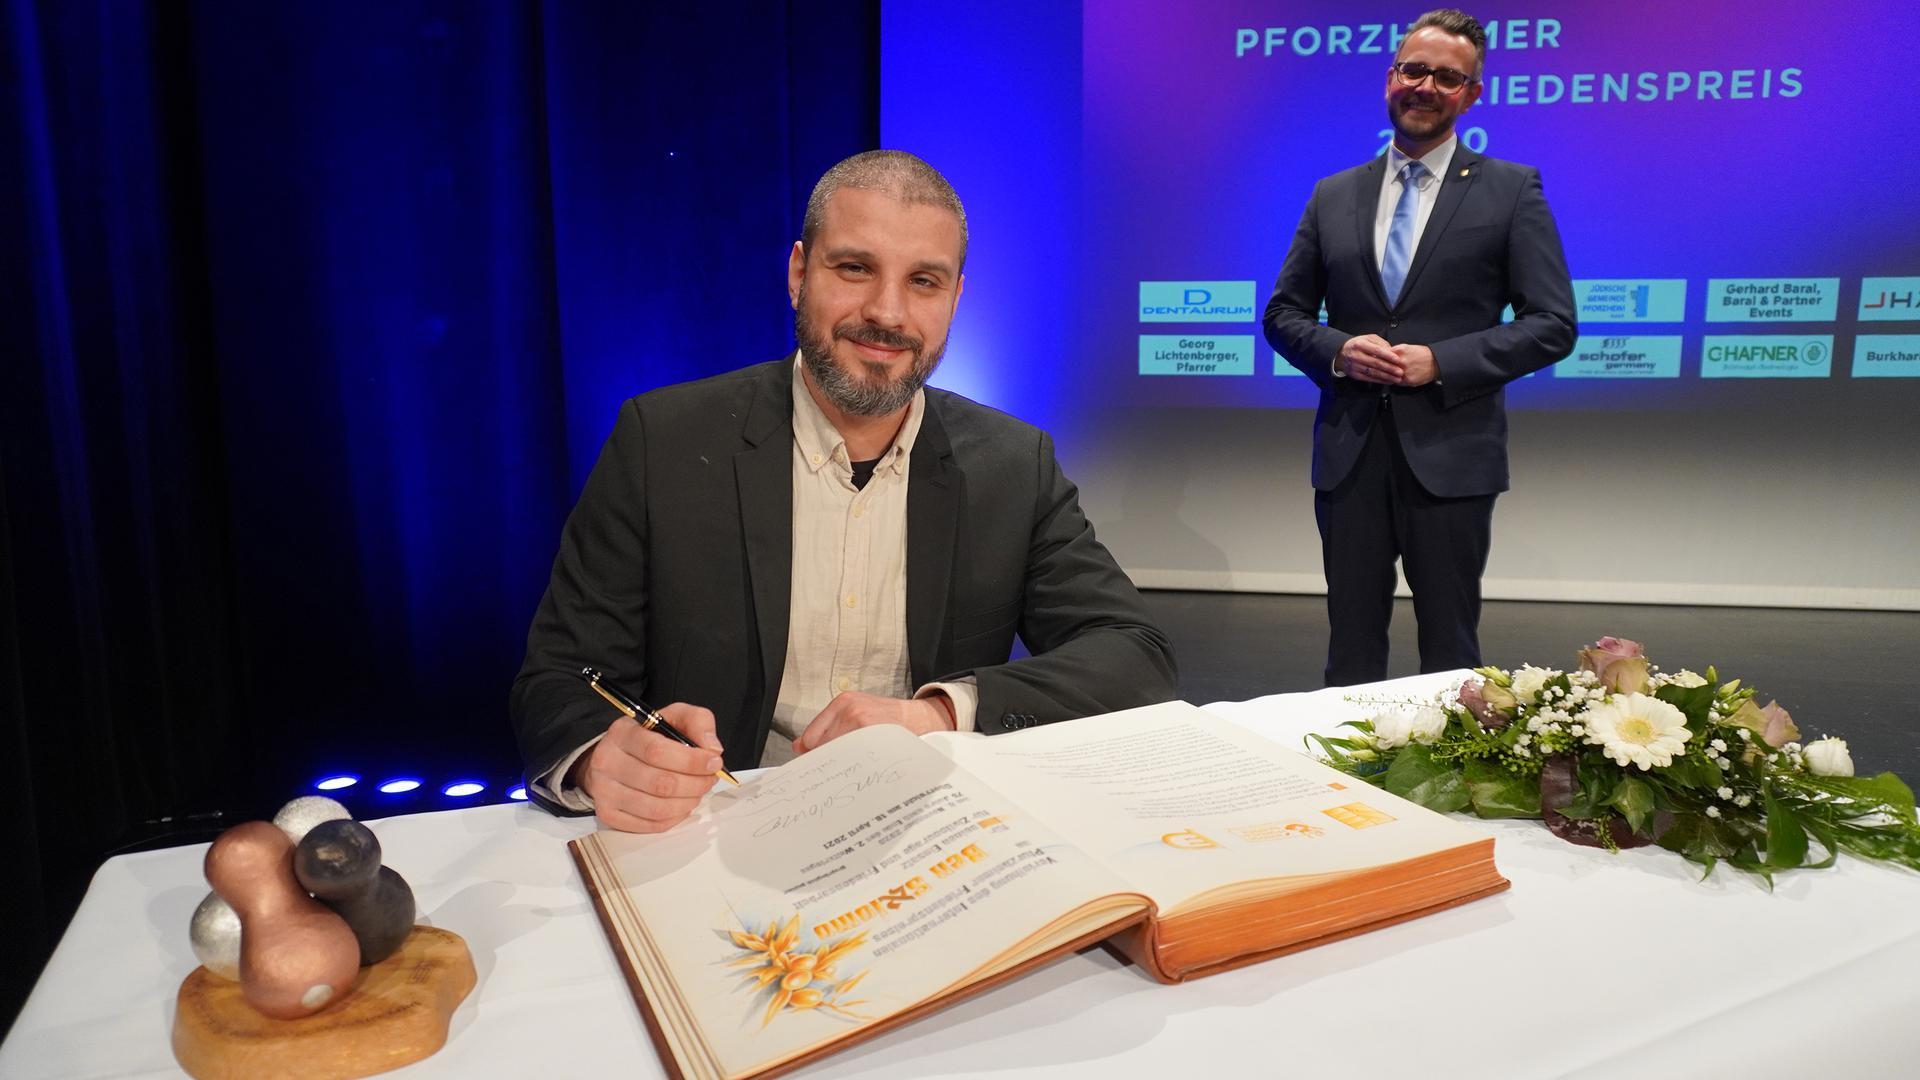 Erster Preisträger: Ben Salomo alias Jonathan Kalmanovich ist als erster Preisträger mit dem Internationalen Pforzheimer Friedenspreis ausgezeichnet worden. Bei der Preisverleihung mit OB Peter Boch (rechts) im Kulturhaus Osterfeld trug er sich ins goldene Buch der Stadt ein.